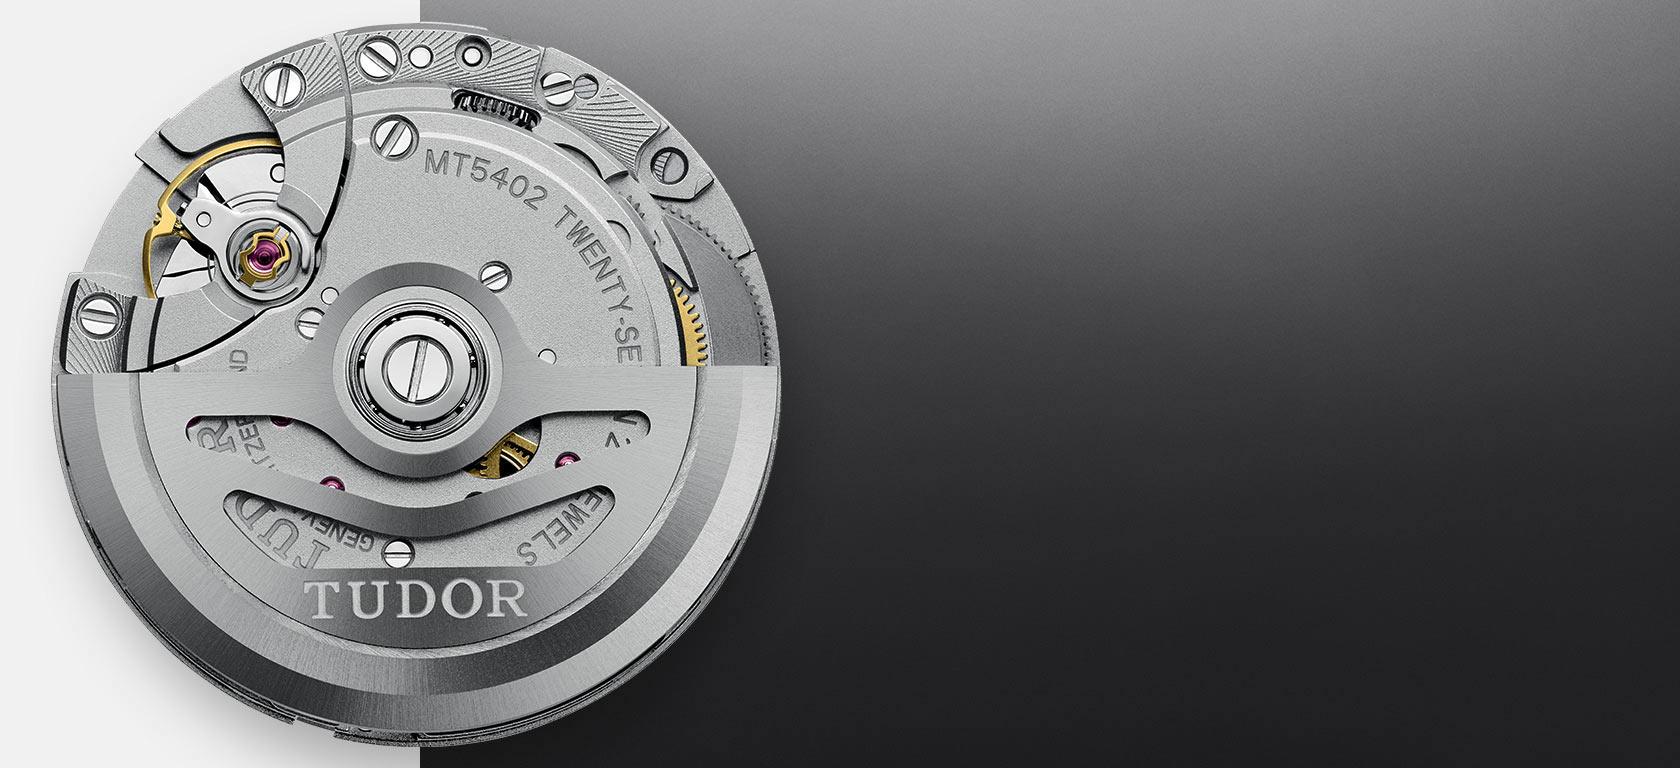 Tudor MT5402